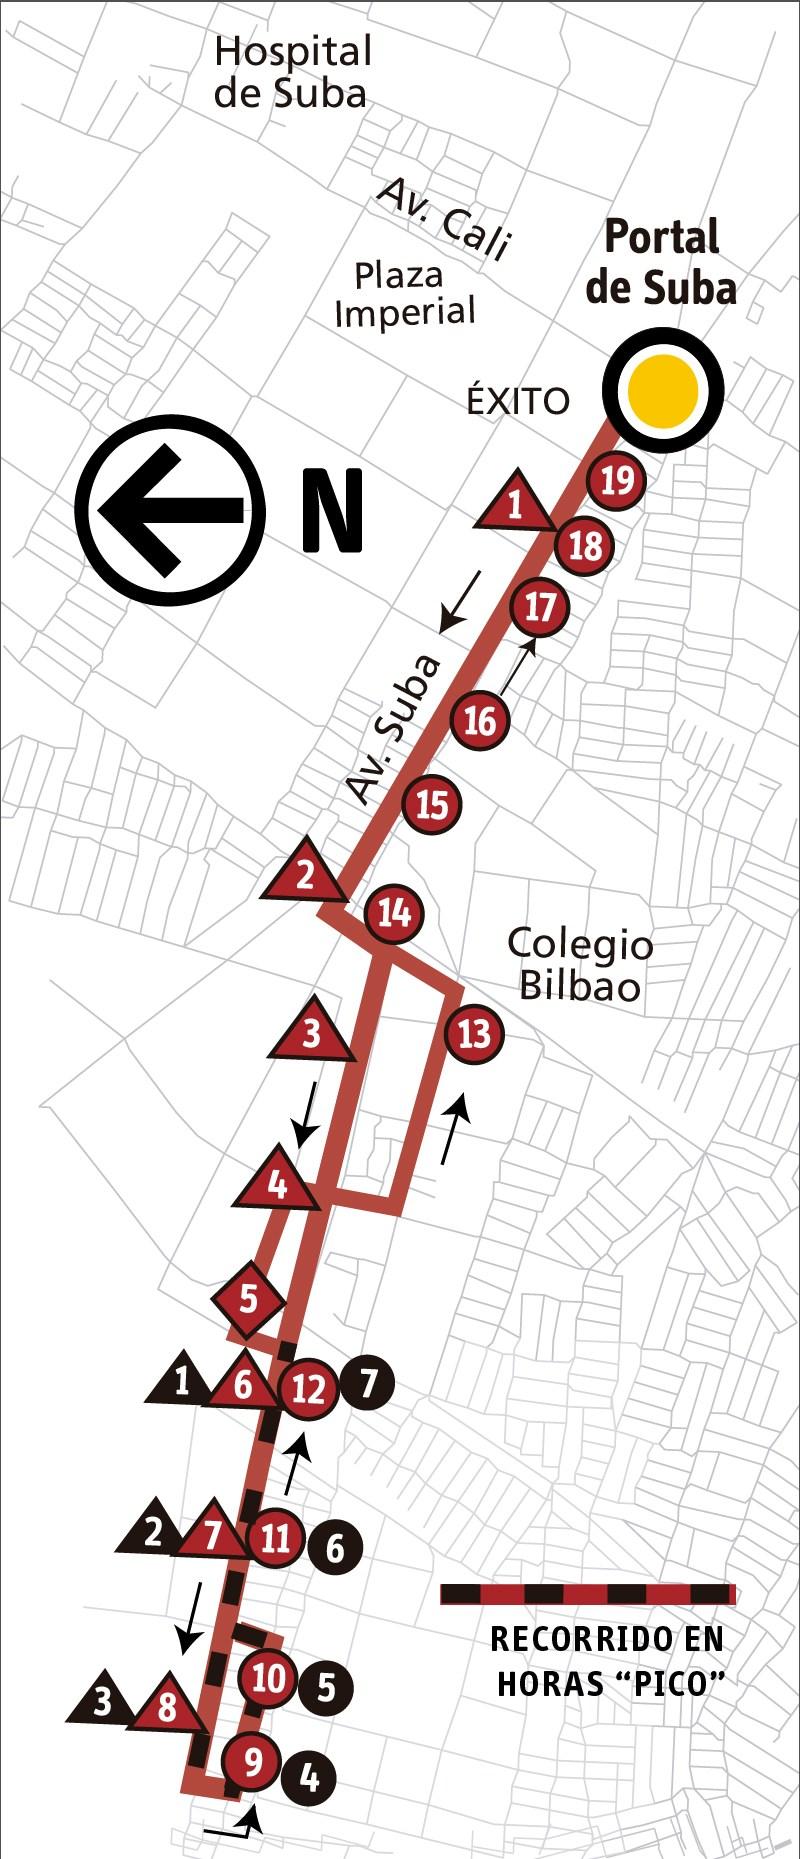 Ruta SITP: 11-10 Bilbao [Alimentador]